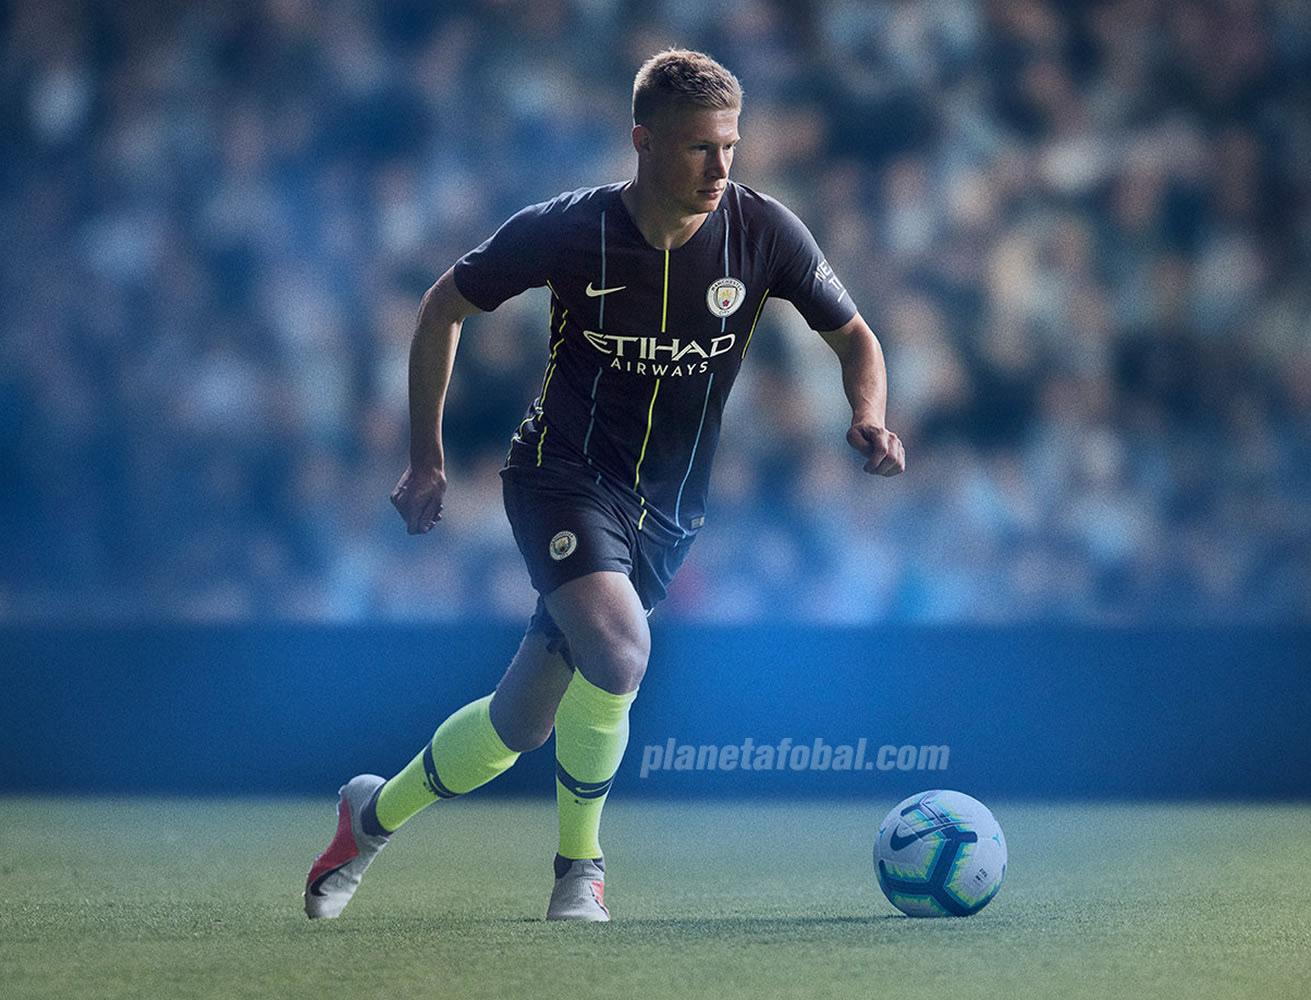 Kevin De Bruyne con la camiseta suplente 2018/19 del Manchester City | Imagen Nike